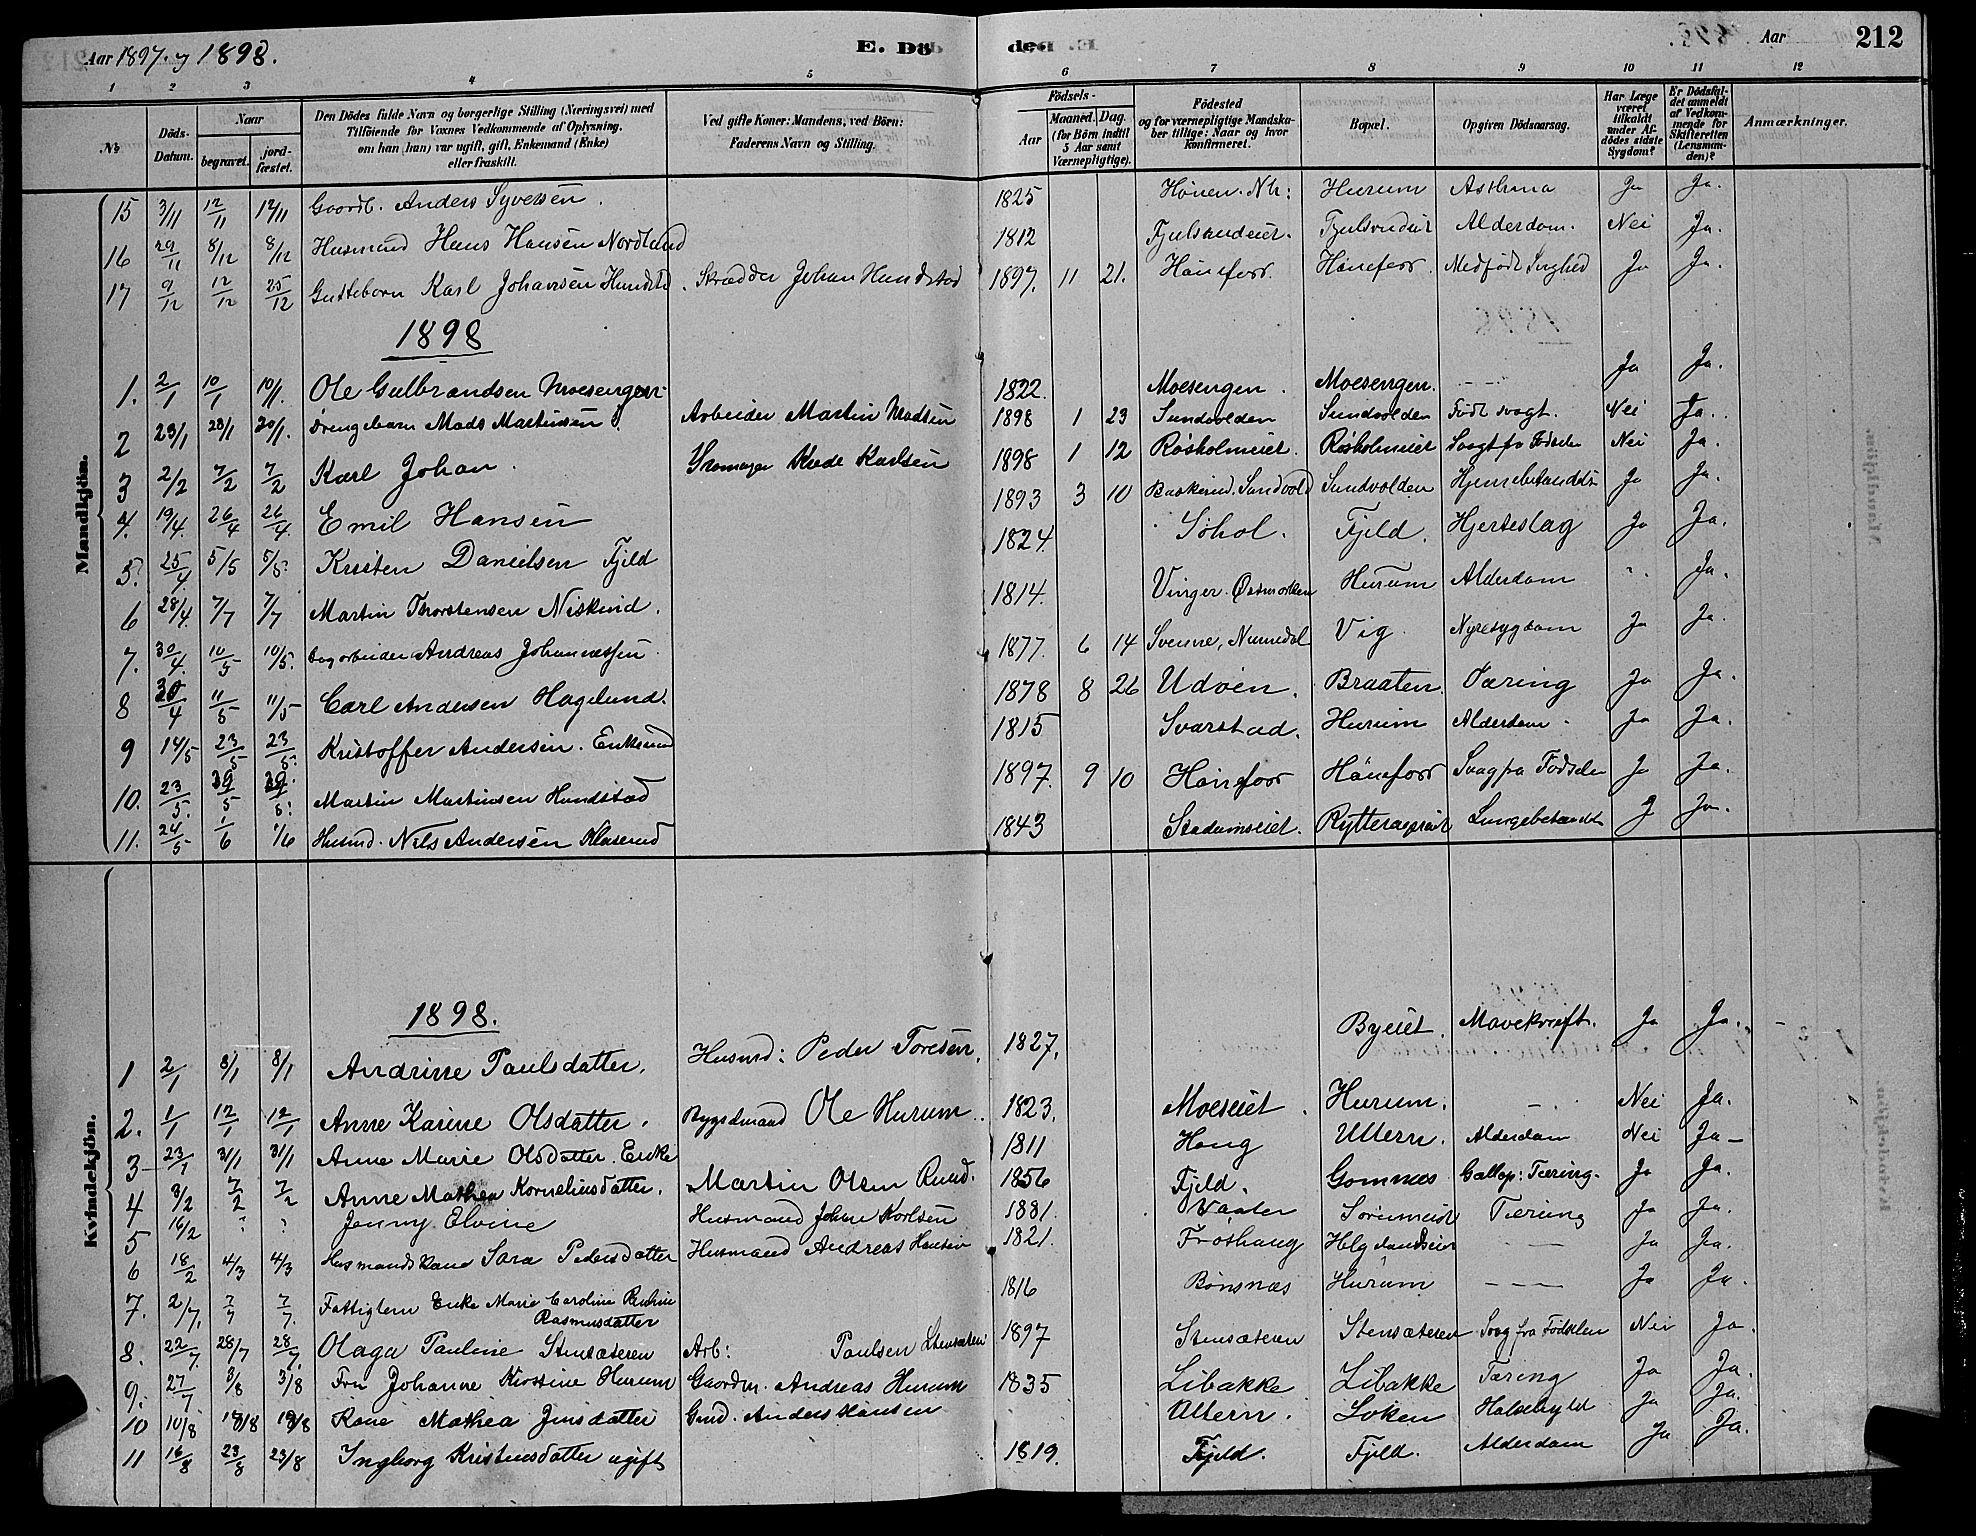 SAKO, Hole kirkebøker, G/Ga/L0003: Klokkerbok nr. I 3, 1879-1904, s. 212